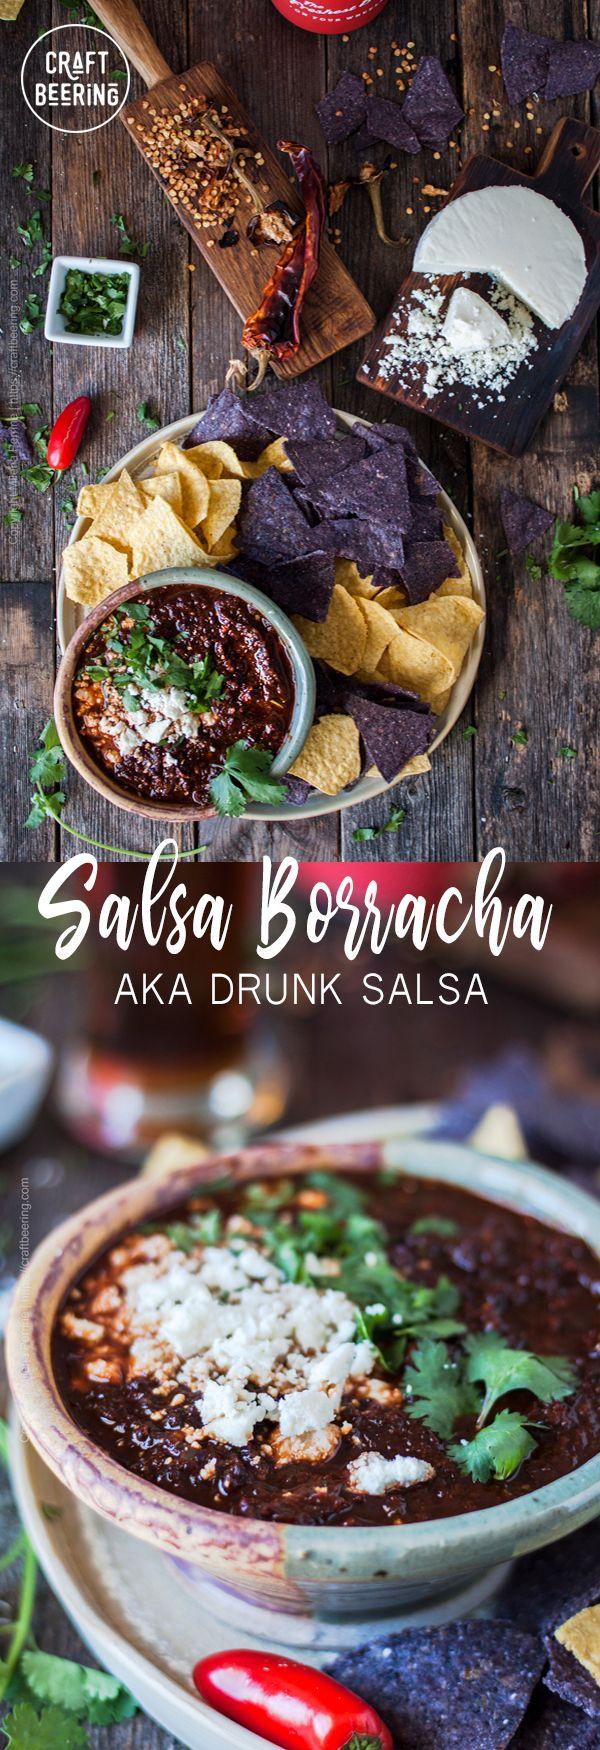 Salsa Borracha Recipe Mexican food recipes, Cooking